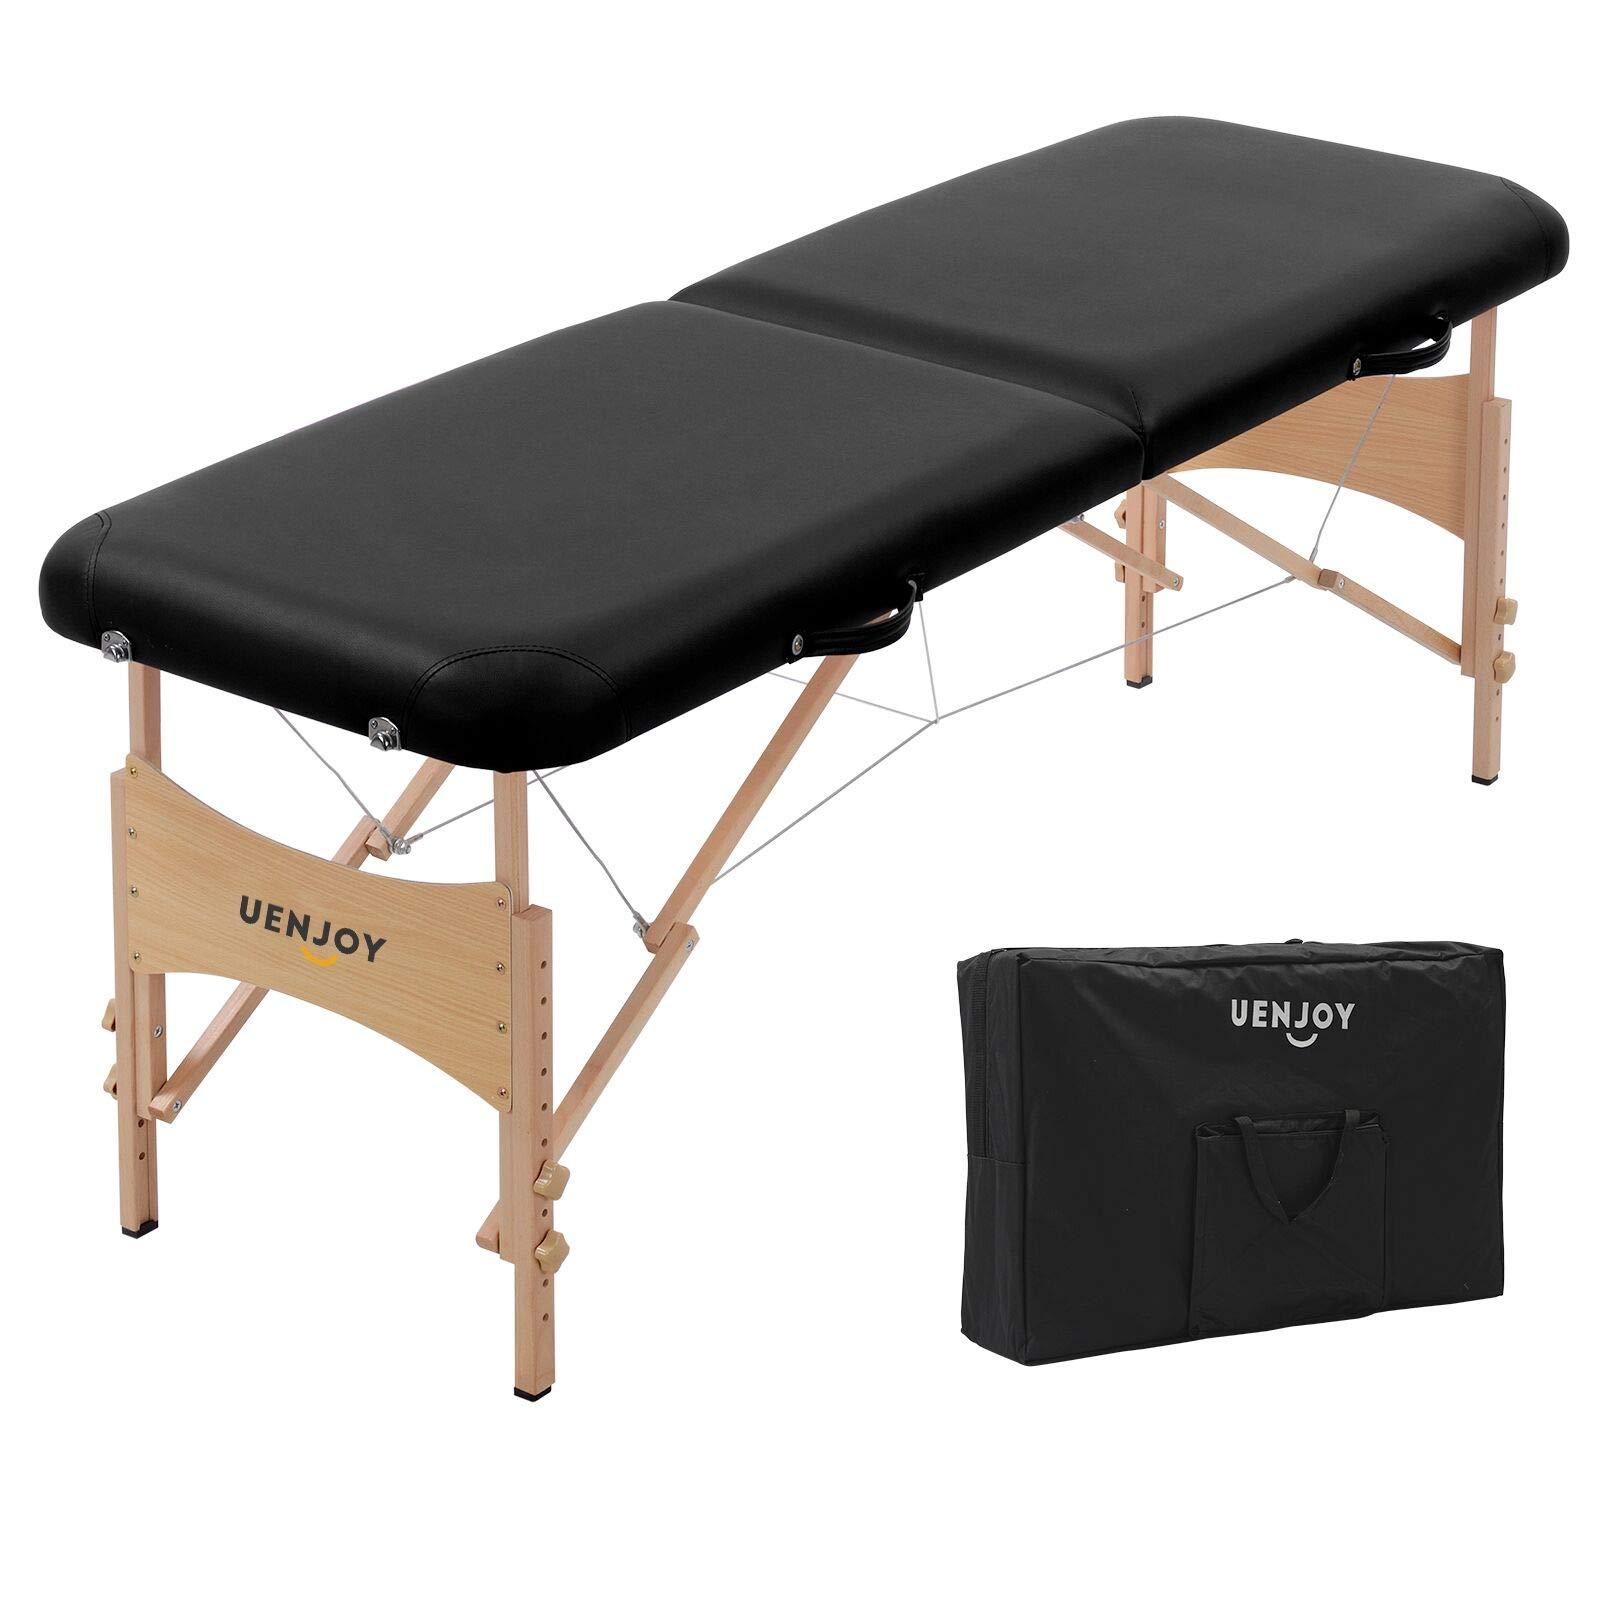 Uenjoy Massage Bed 72'' Professional Folding Massage Table 2 Fold, Basic & Portable, Black